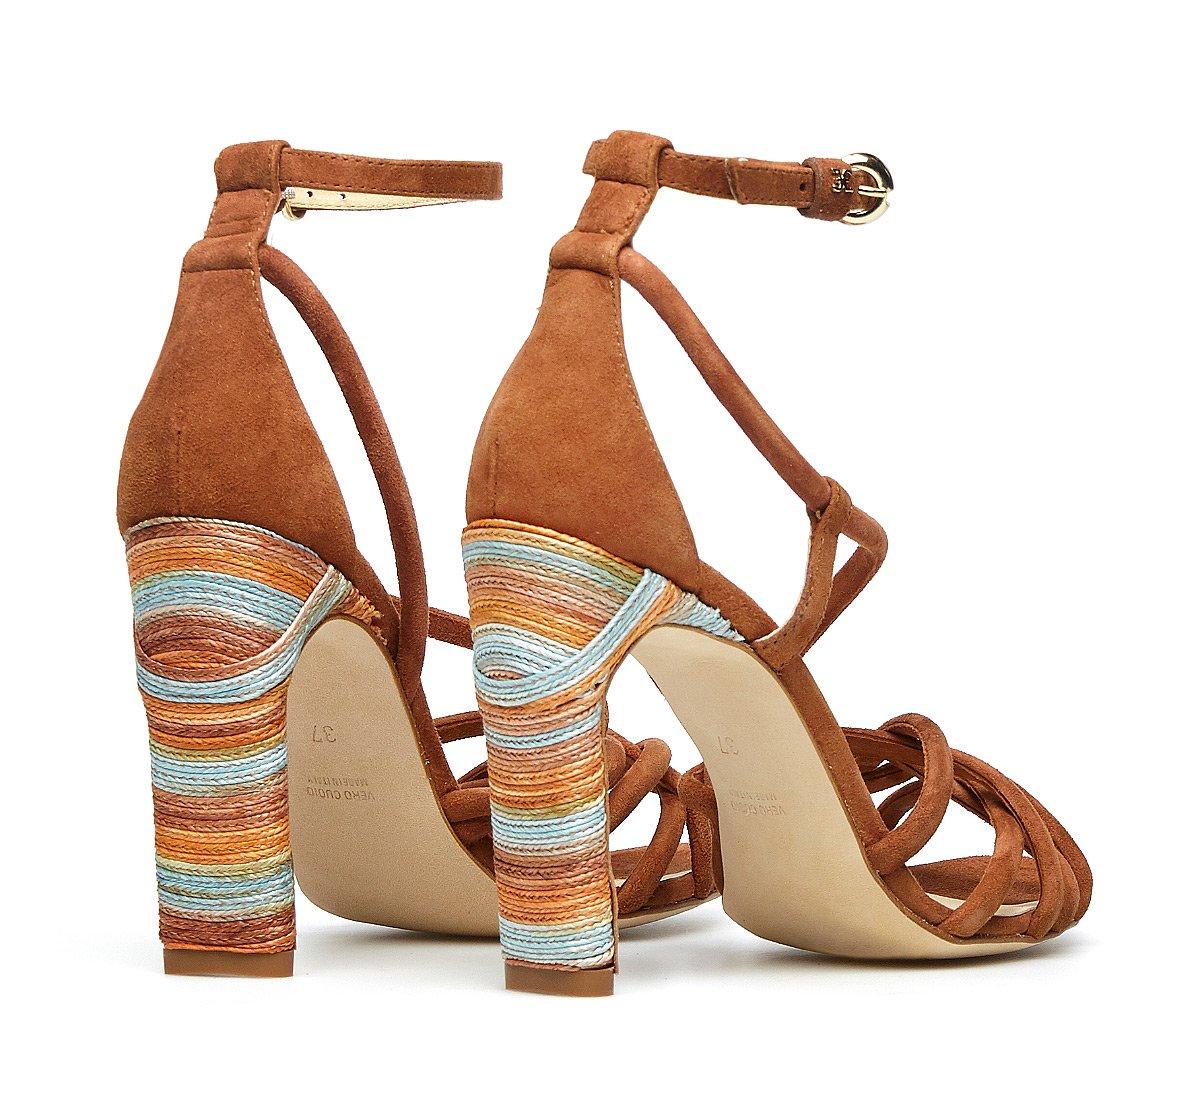 Weaving sandals in woven calfskin